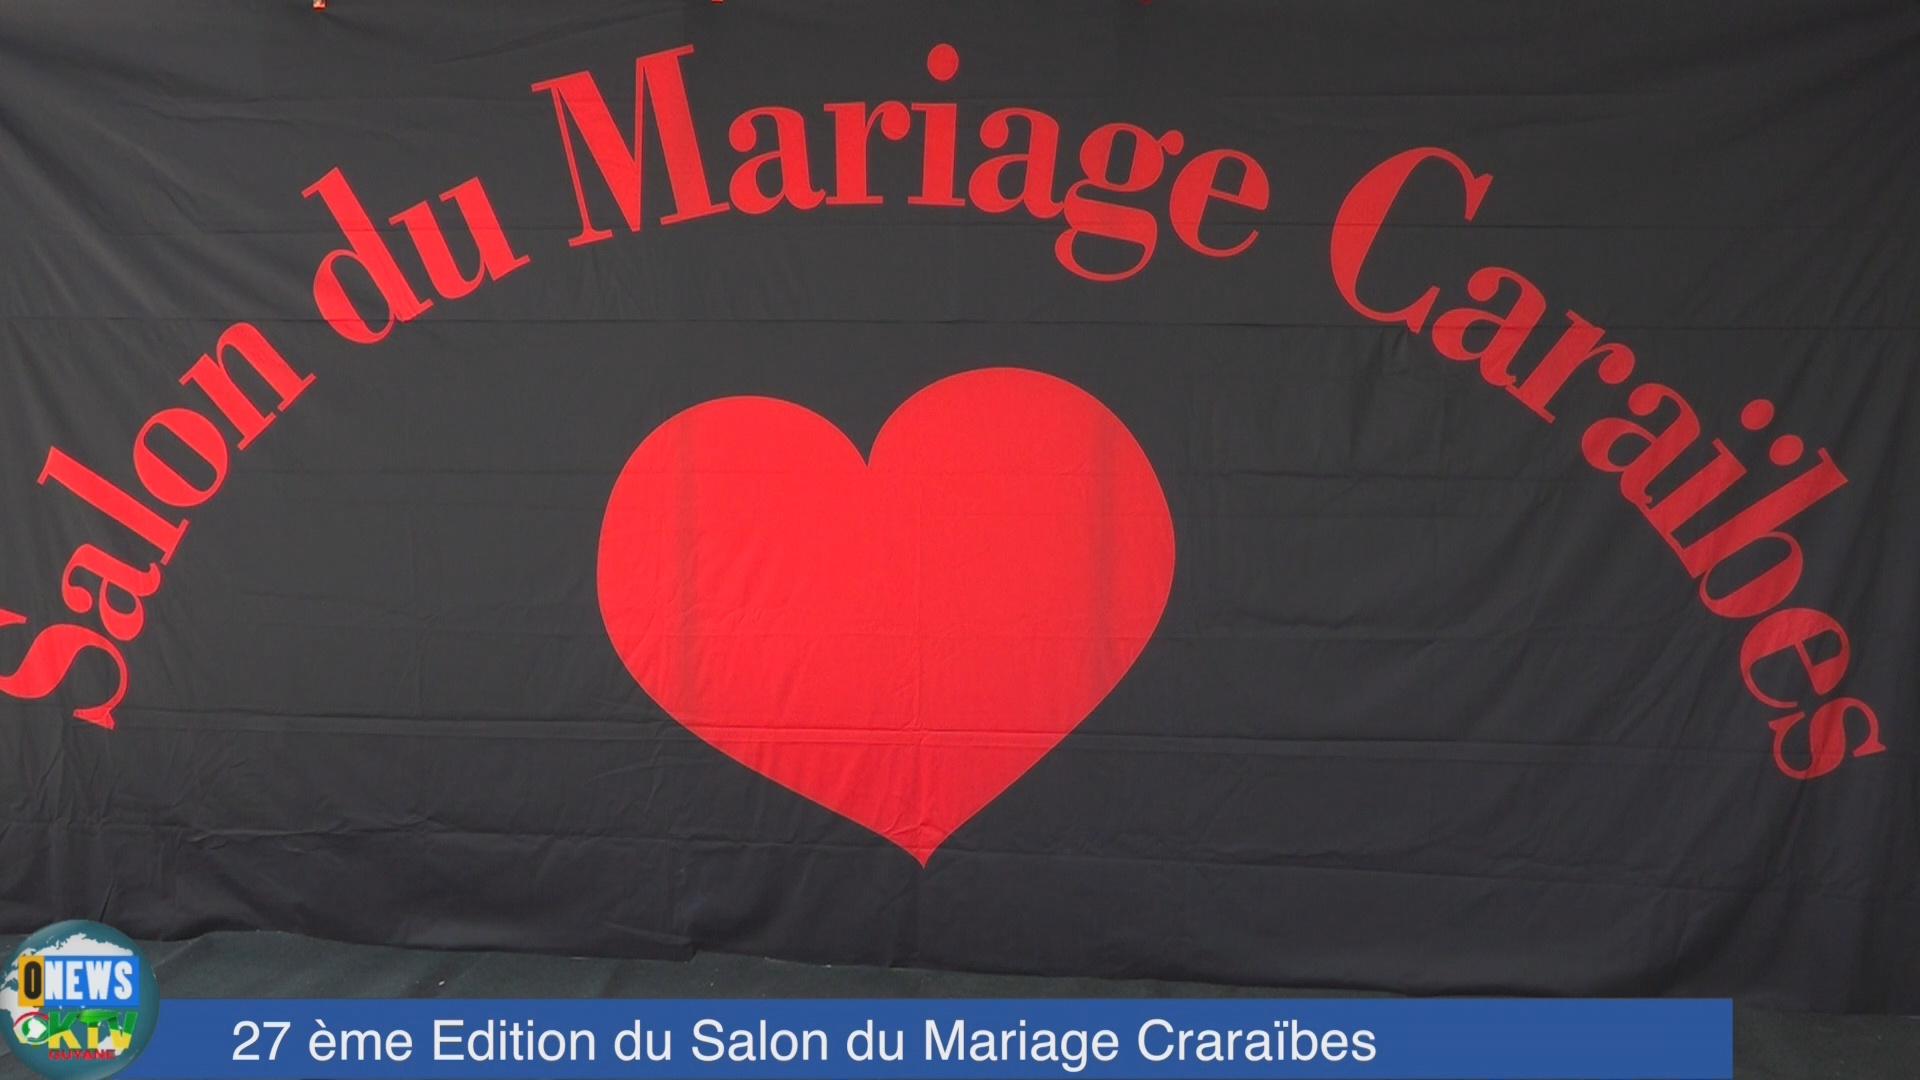 [Vidéo] Onews Guadeloupe. 27ème Salon du Mariage au WTC